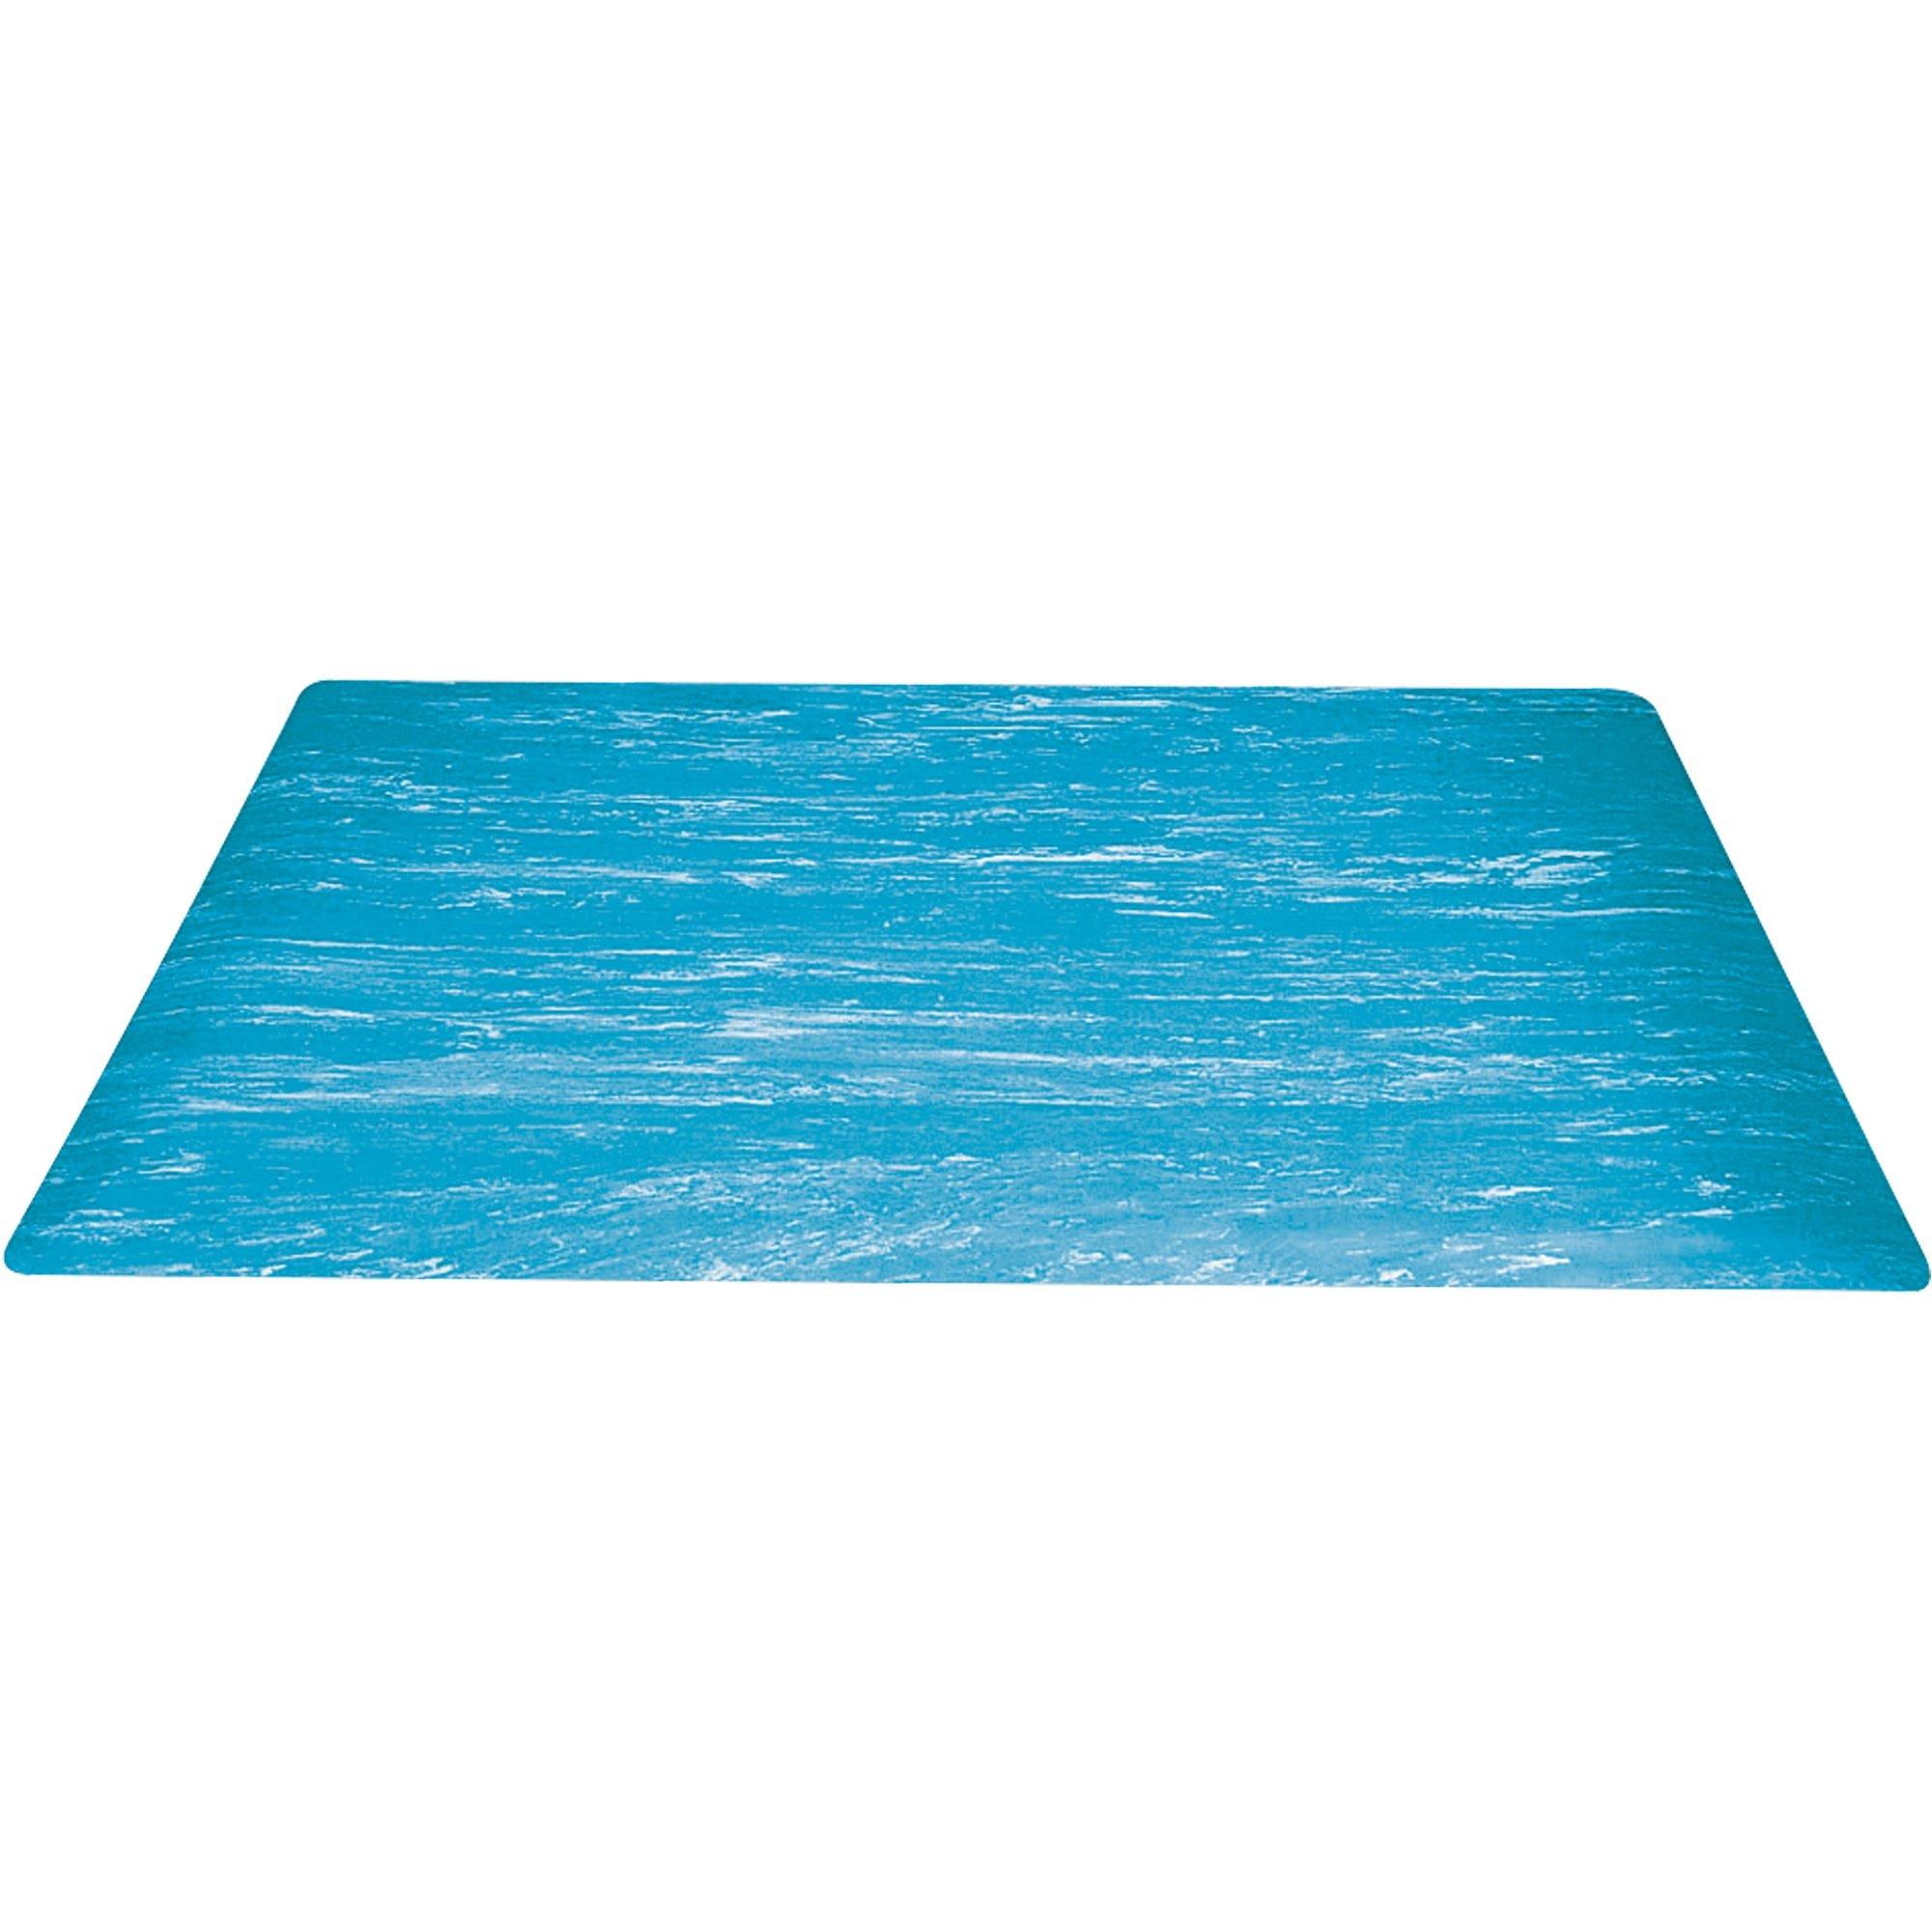 2 x 4' Blue Marble Anti-Fatigue Mat